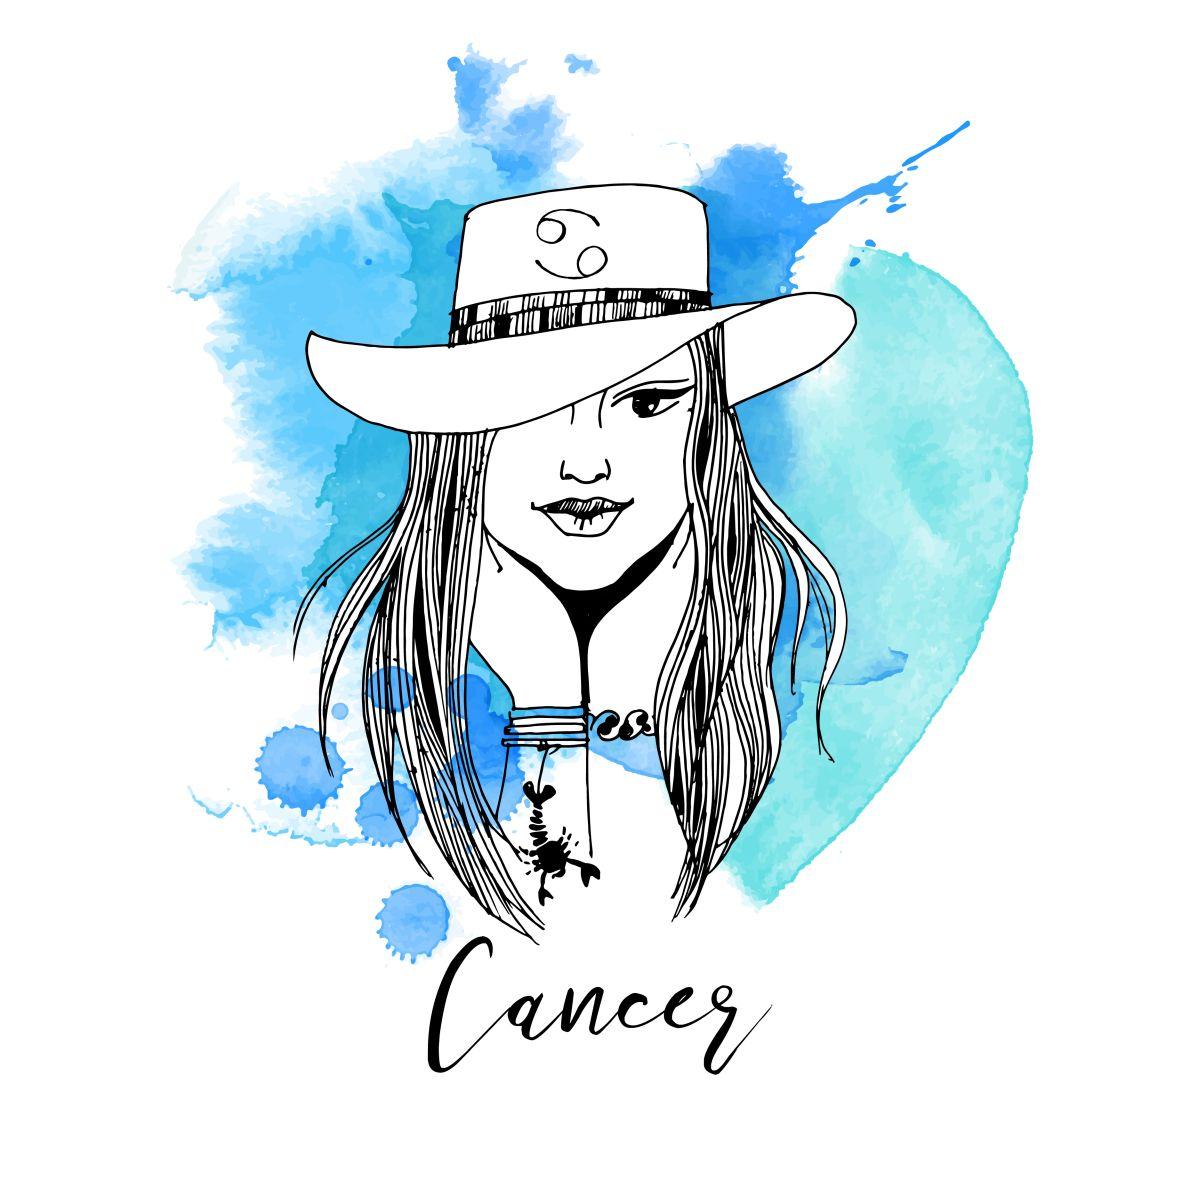 Zodia Rac ilustrată sub forma chipului unei femei frumoase, care are părul lung și poartă o pălărie cu simbolul zodiei Pești desenat pe ea.